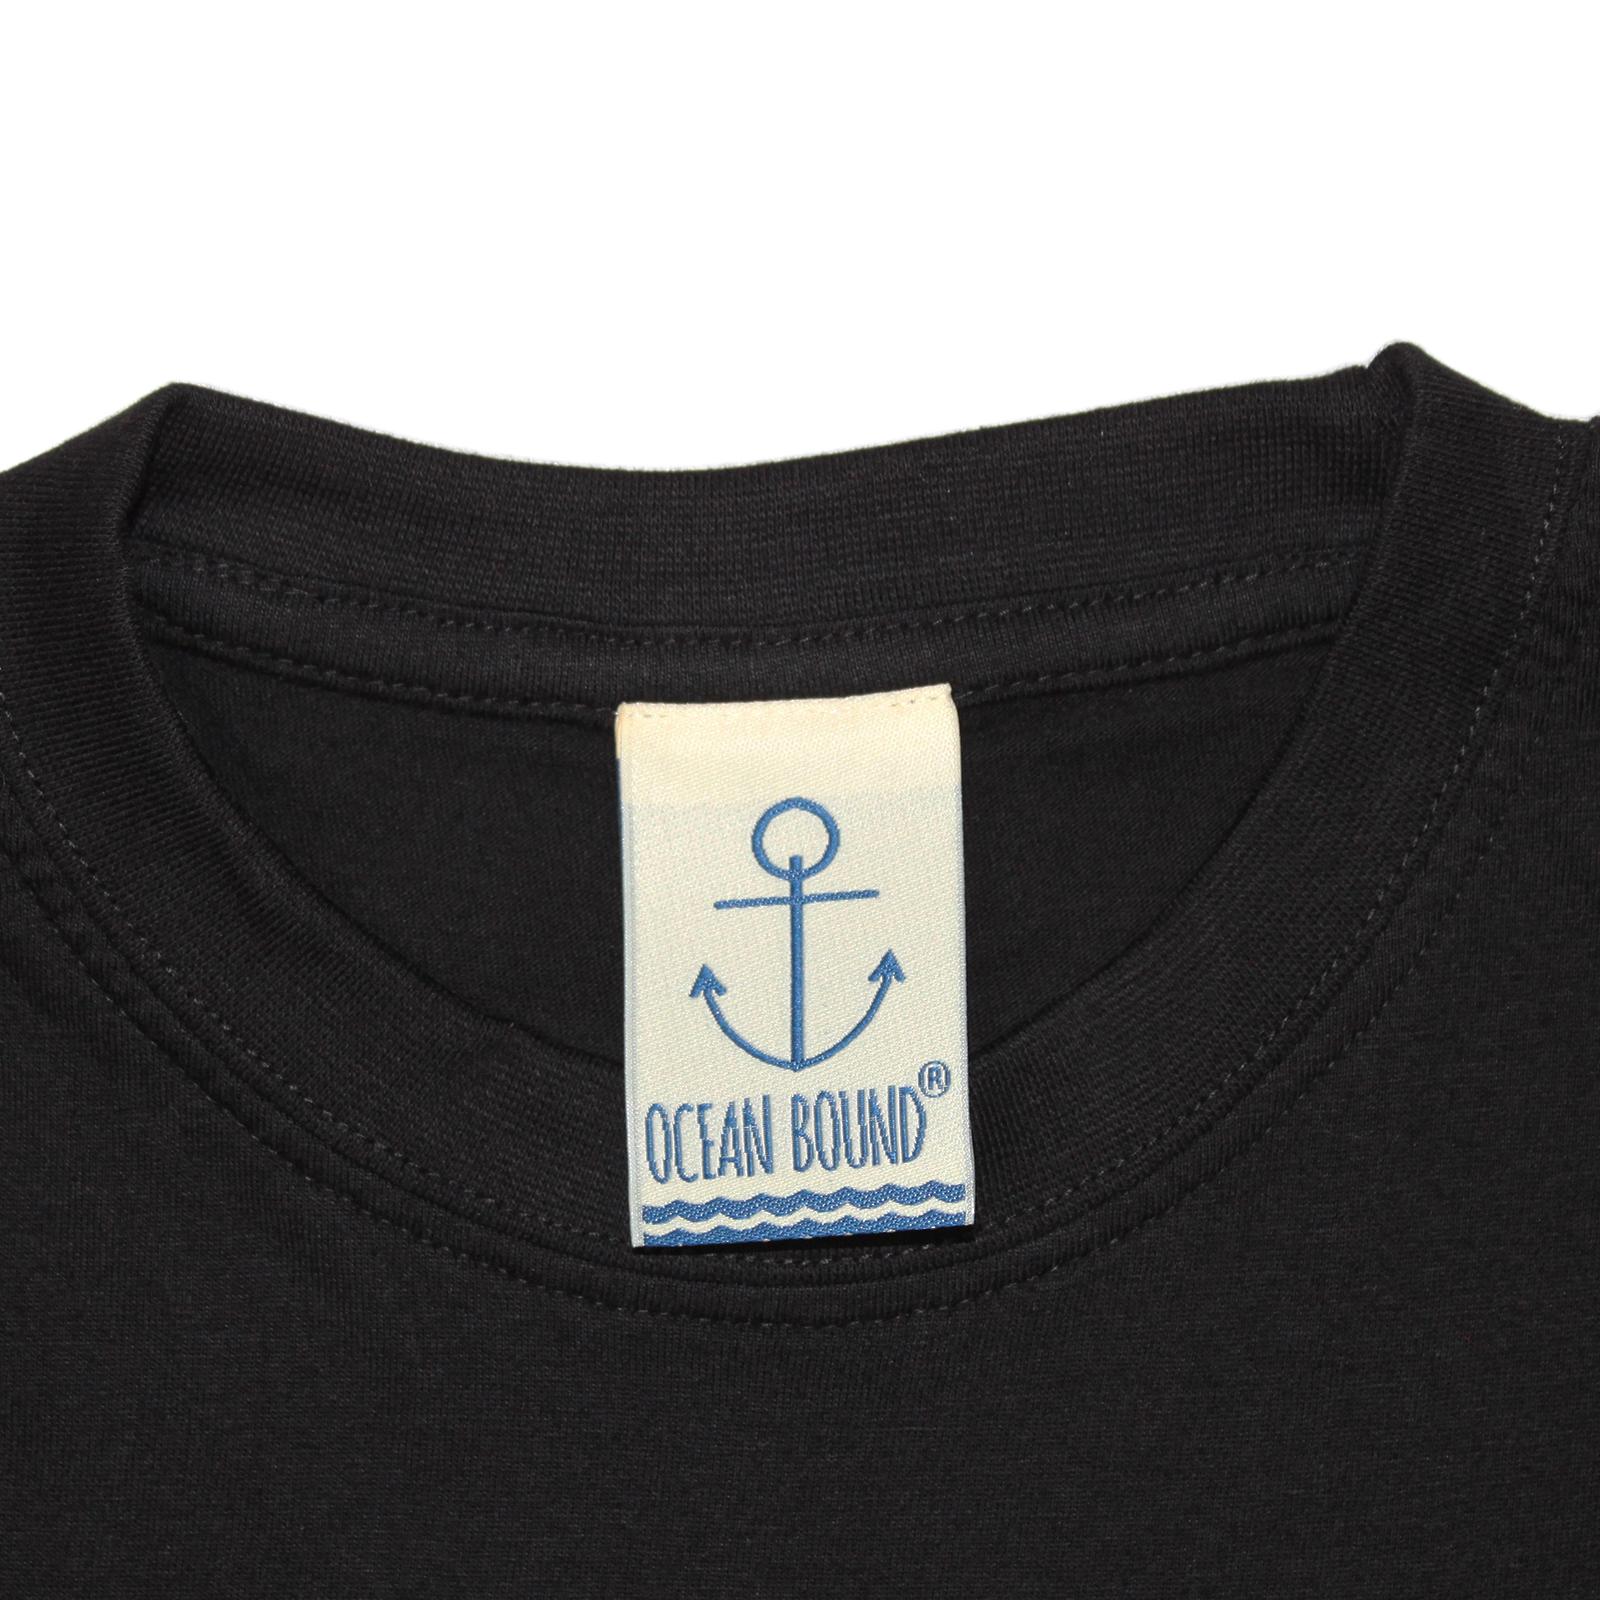 Sea You Later Sailing T-Shirt Funny Novelty Mens tee TShirt